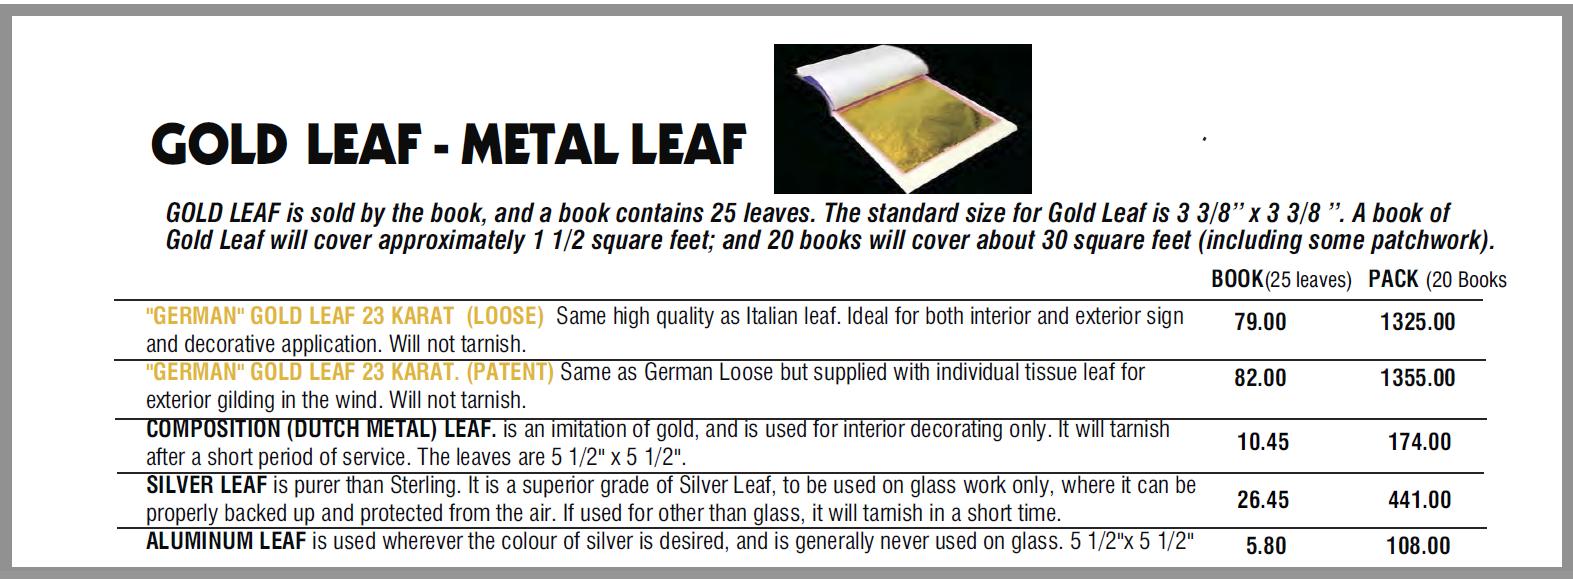 gold leaf part 1 1 - Gold Leaf Supplies